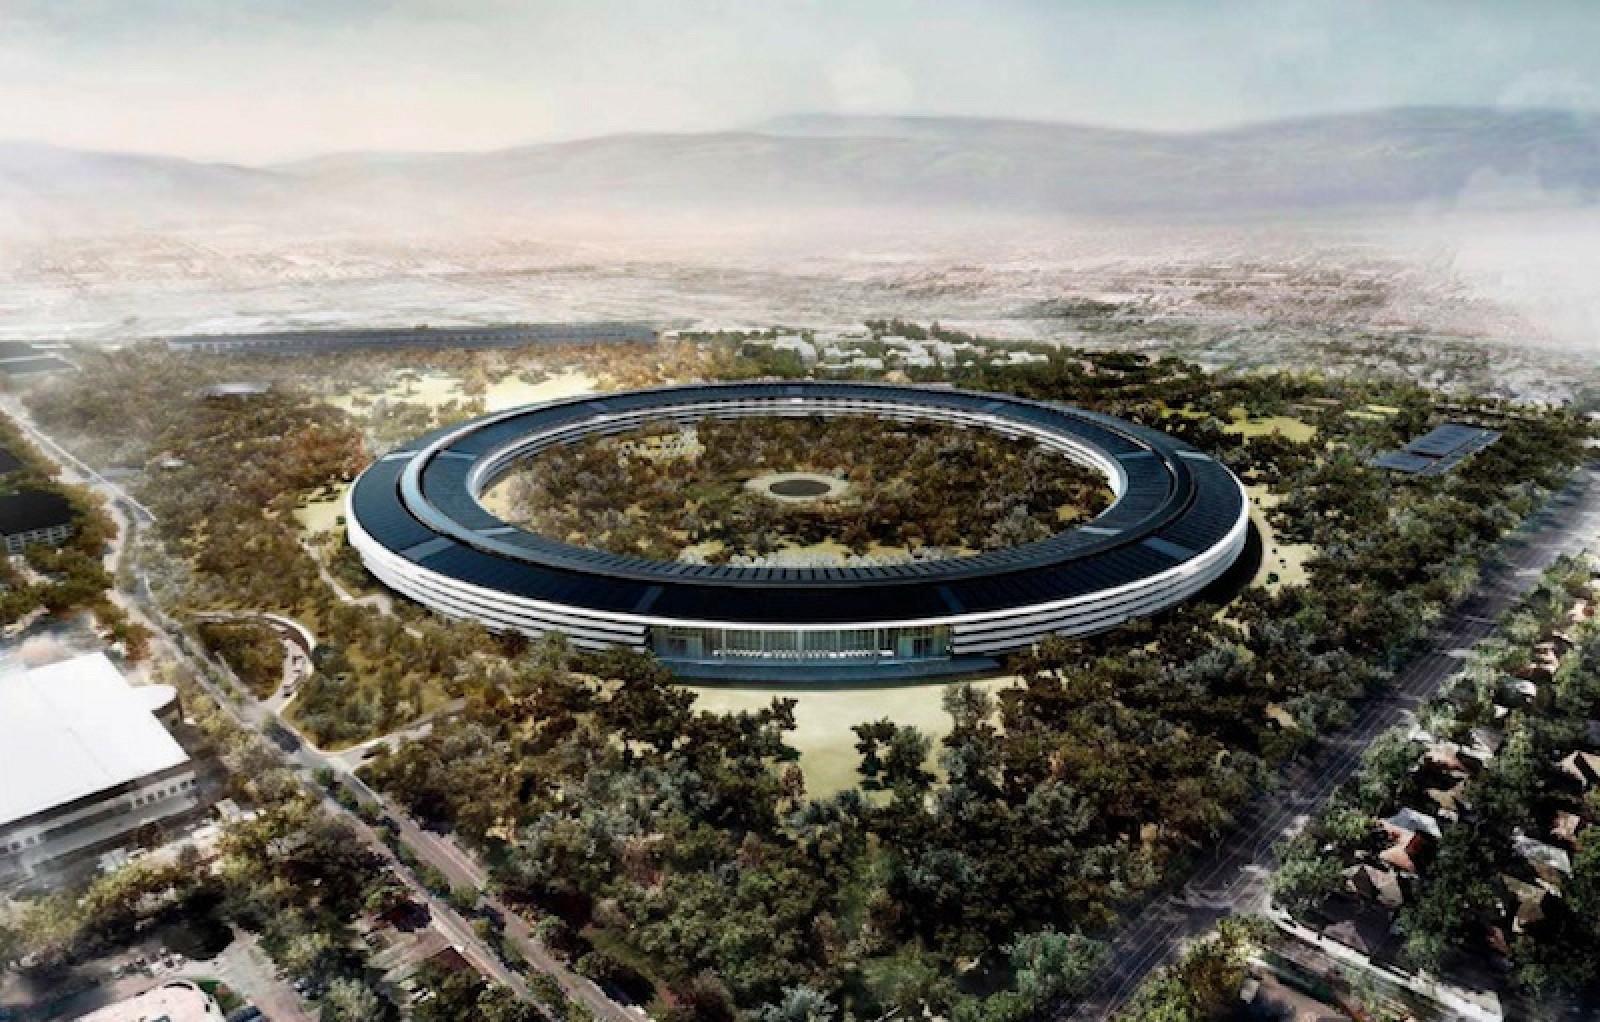 apple-campus-2-uzay-ussu-1